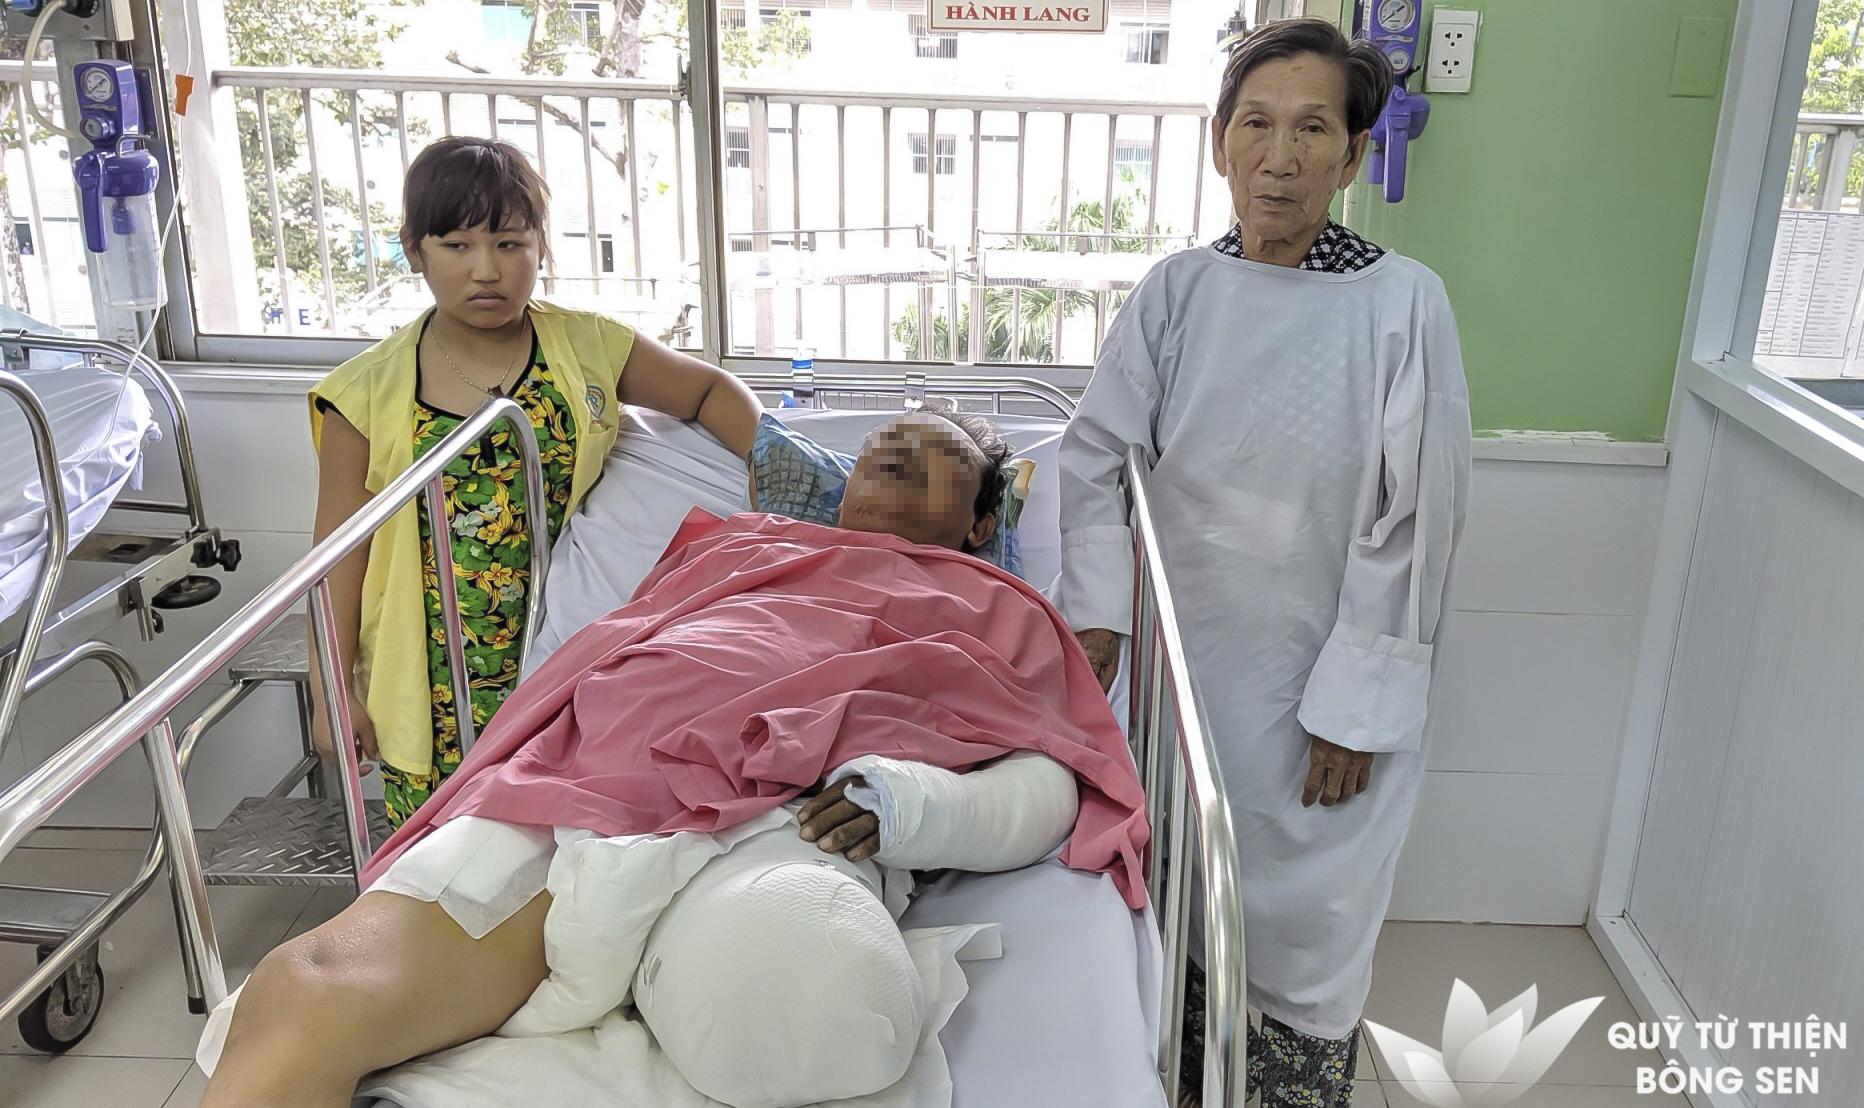 Kỳ 424: Trần Văn Tư (sinh năm 1958) quê Tiền Giang, tai nạn giao thông, hỗ trợ 19 triệu đồng ngày 19/07/2019